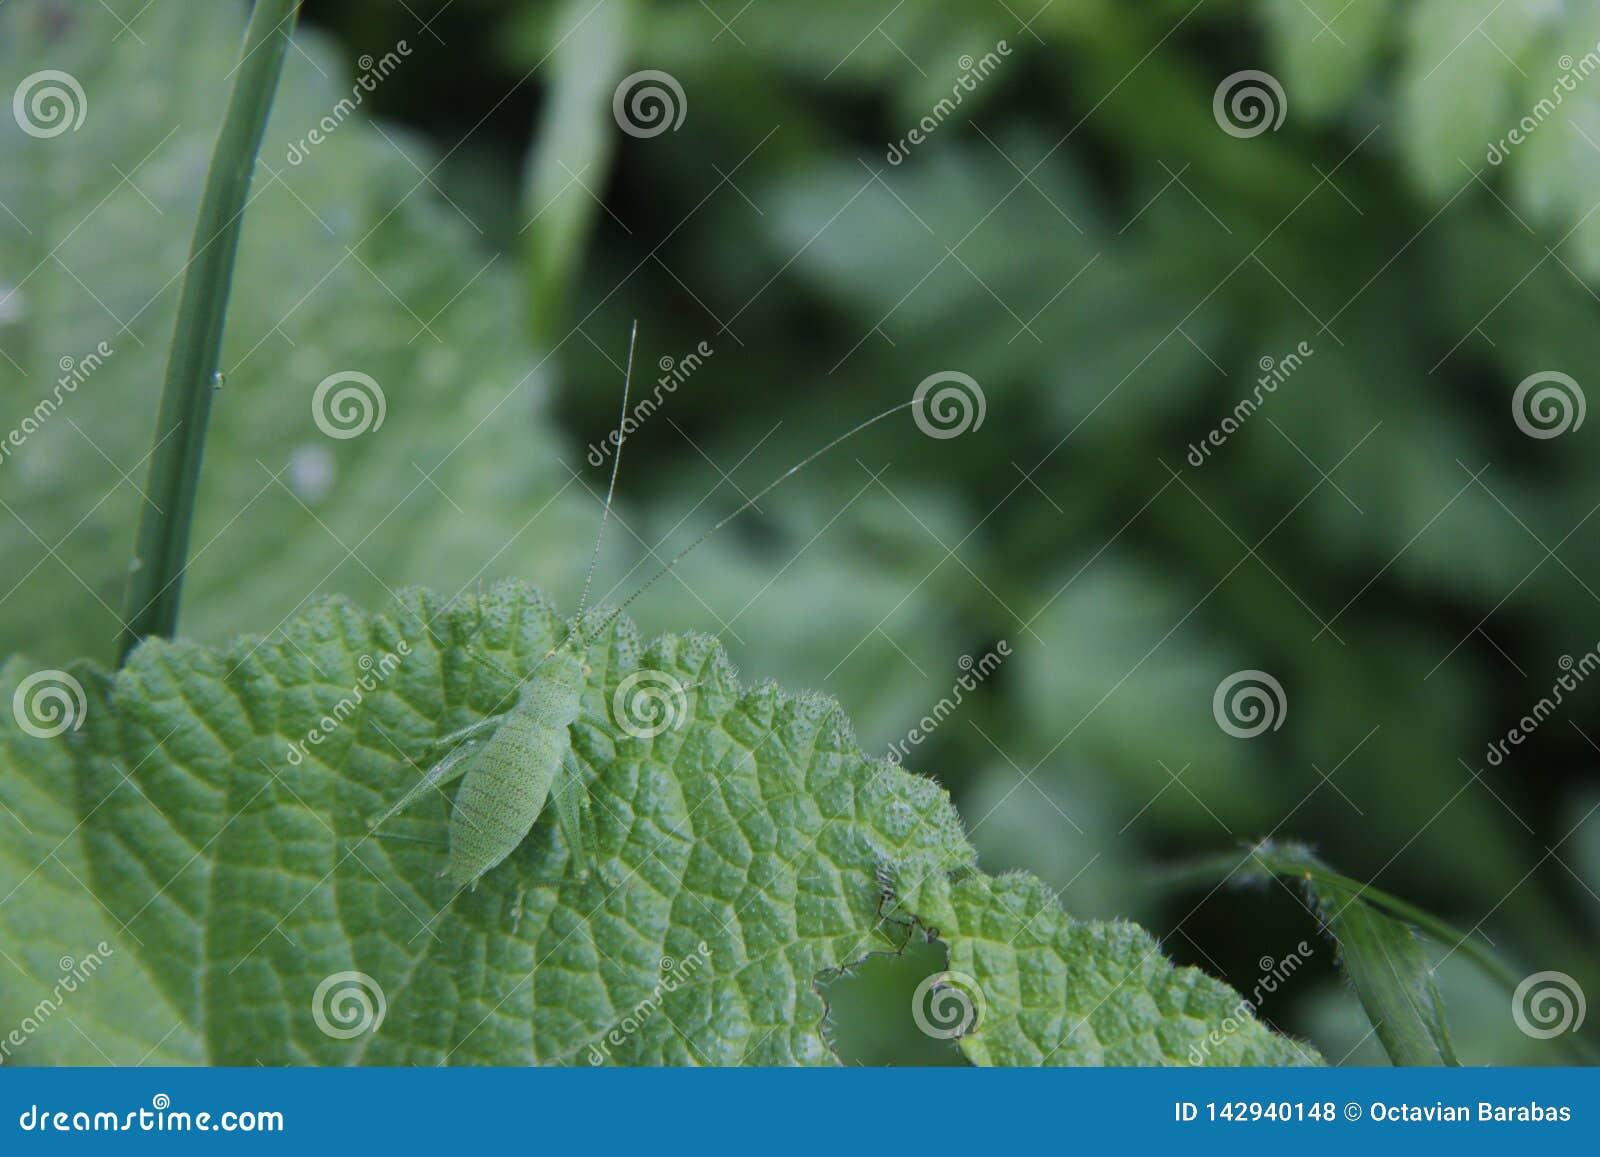 Camuflaje verde del insecto en la hoja verde con las antenas